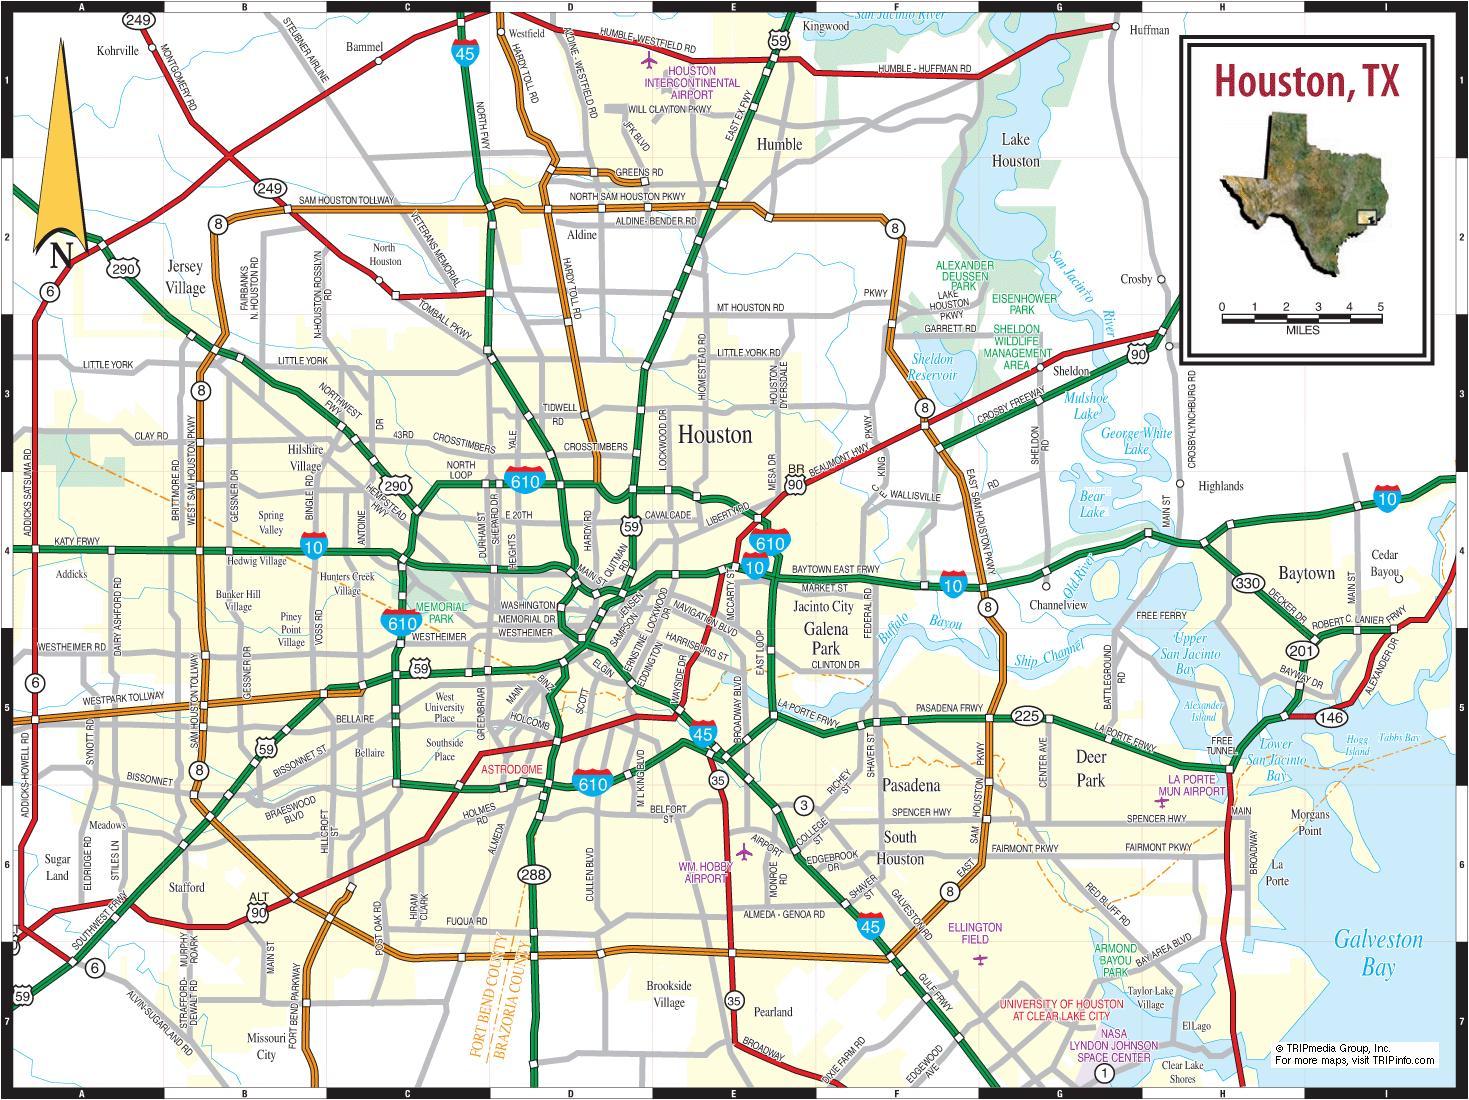 Houston-Stadtplan - City of Houston-Karte (Texas - USA)